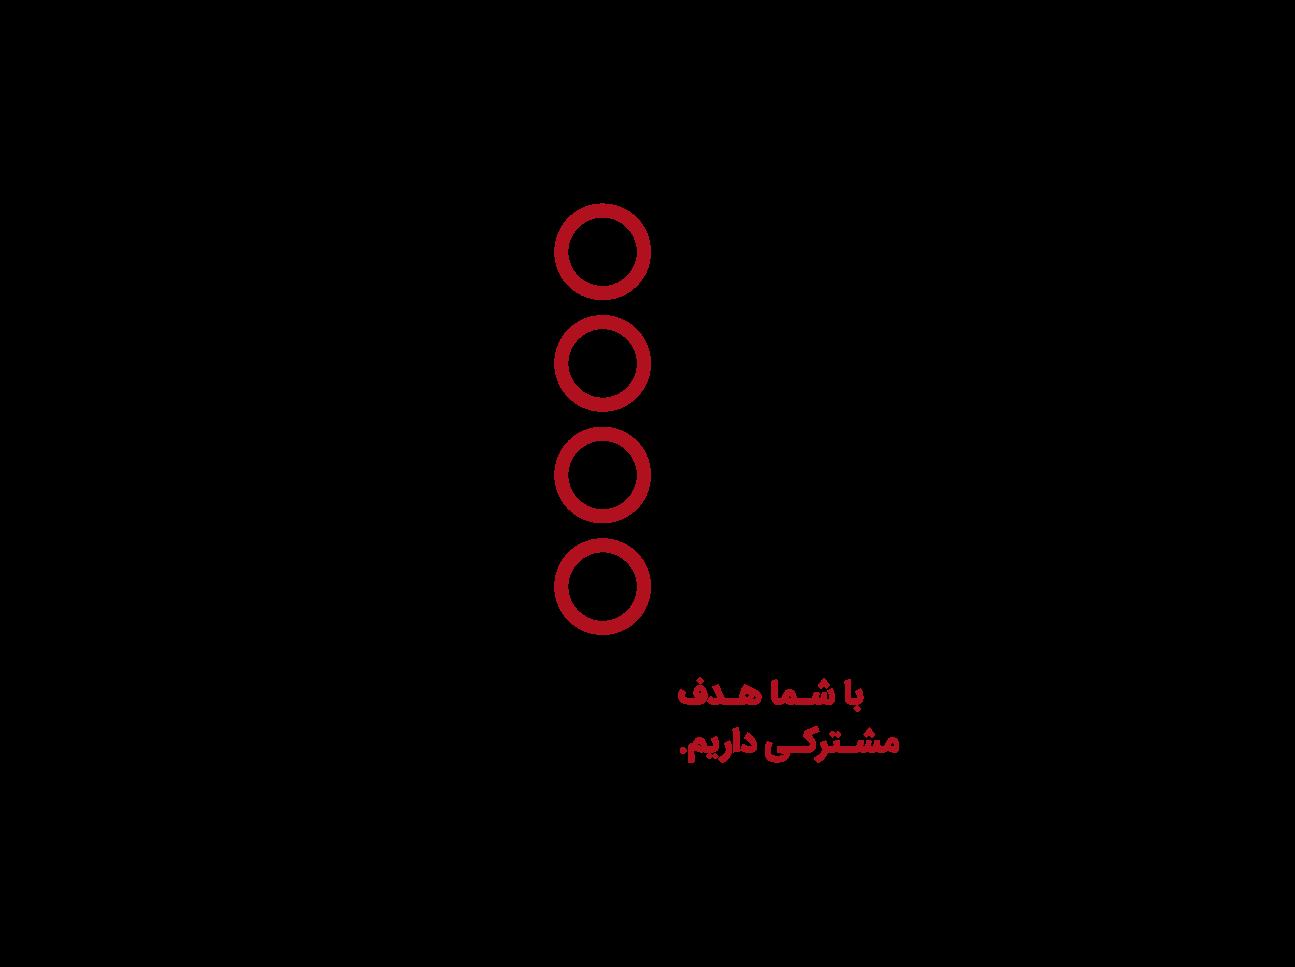 شعار روزنه ارتباط